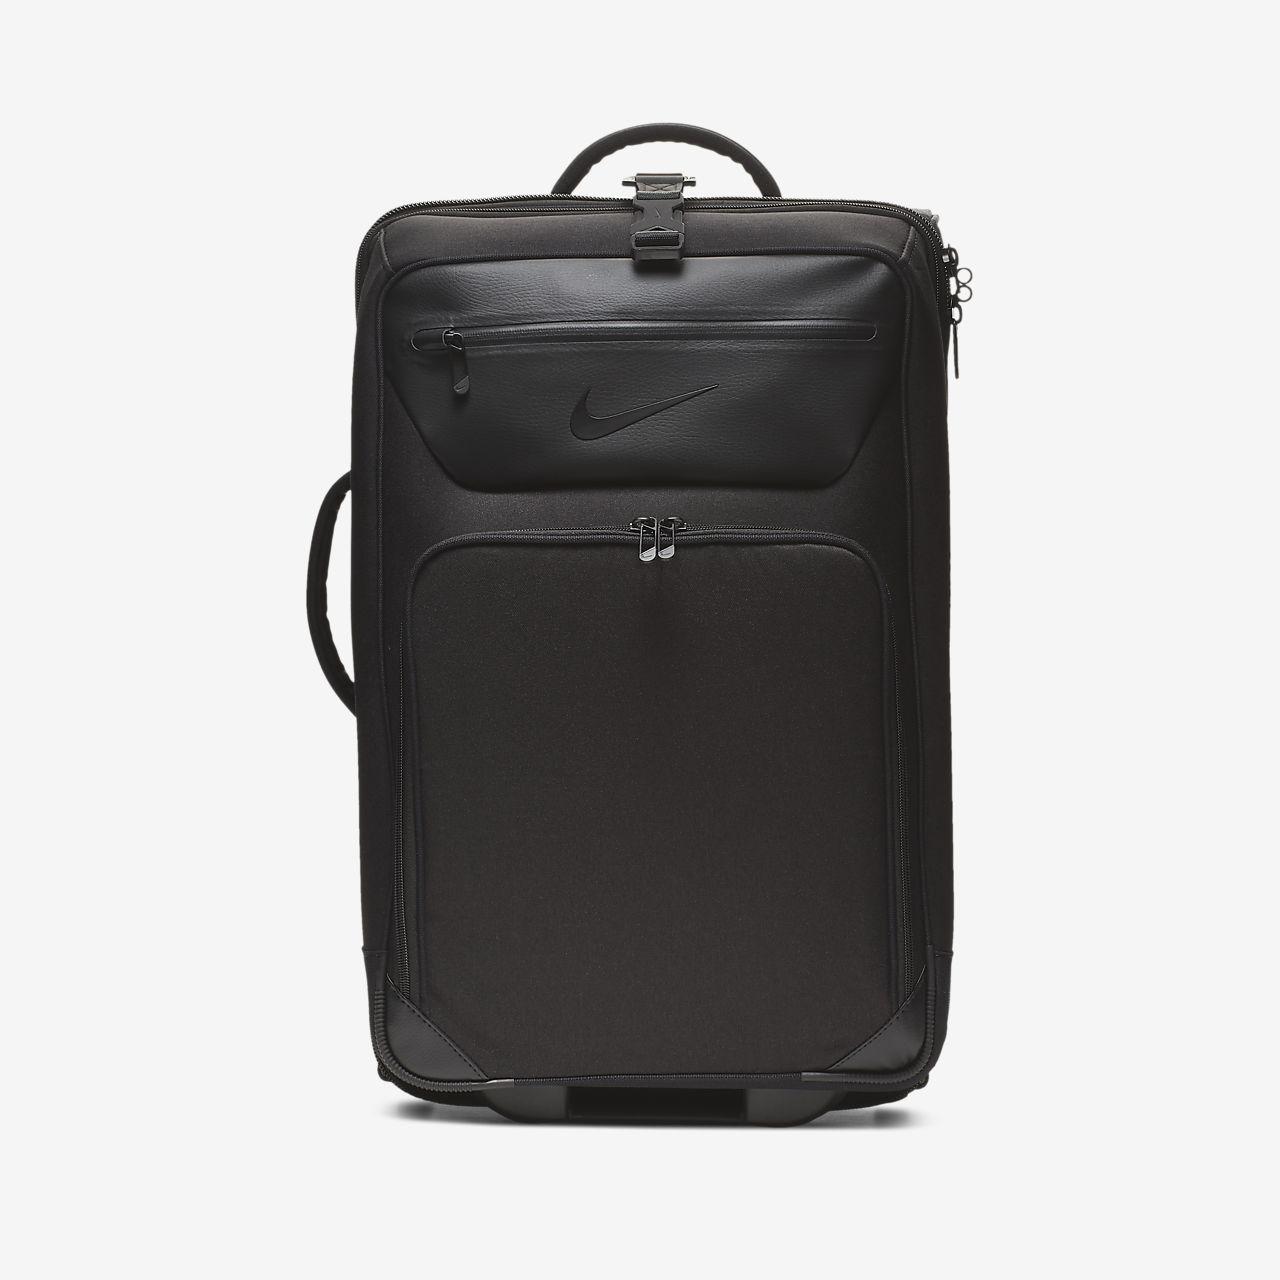 bien conocido en pies imágenes de exuberante en diseño Nike Departure Roller Bag. Nike.com